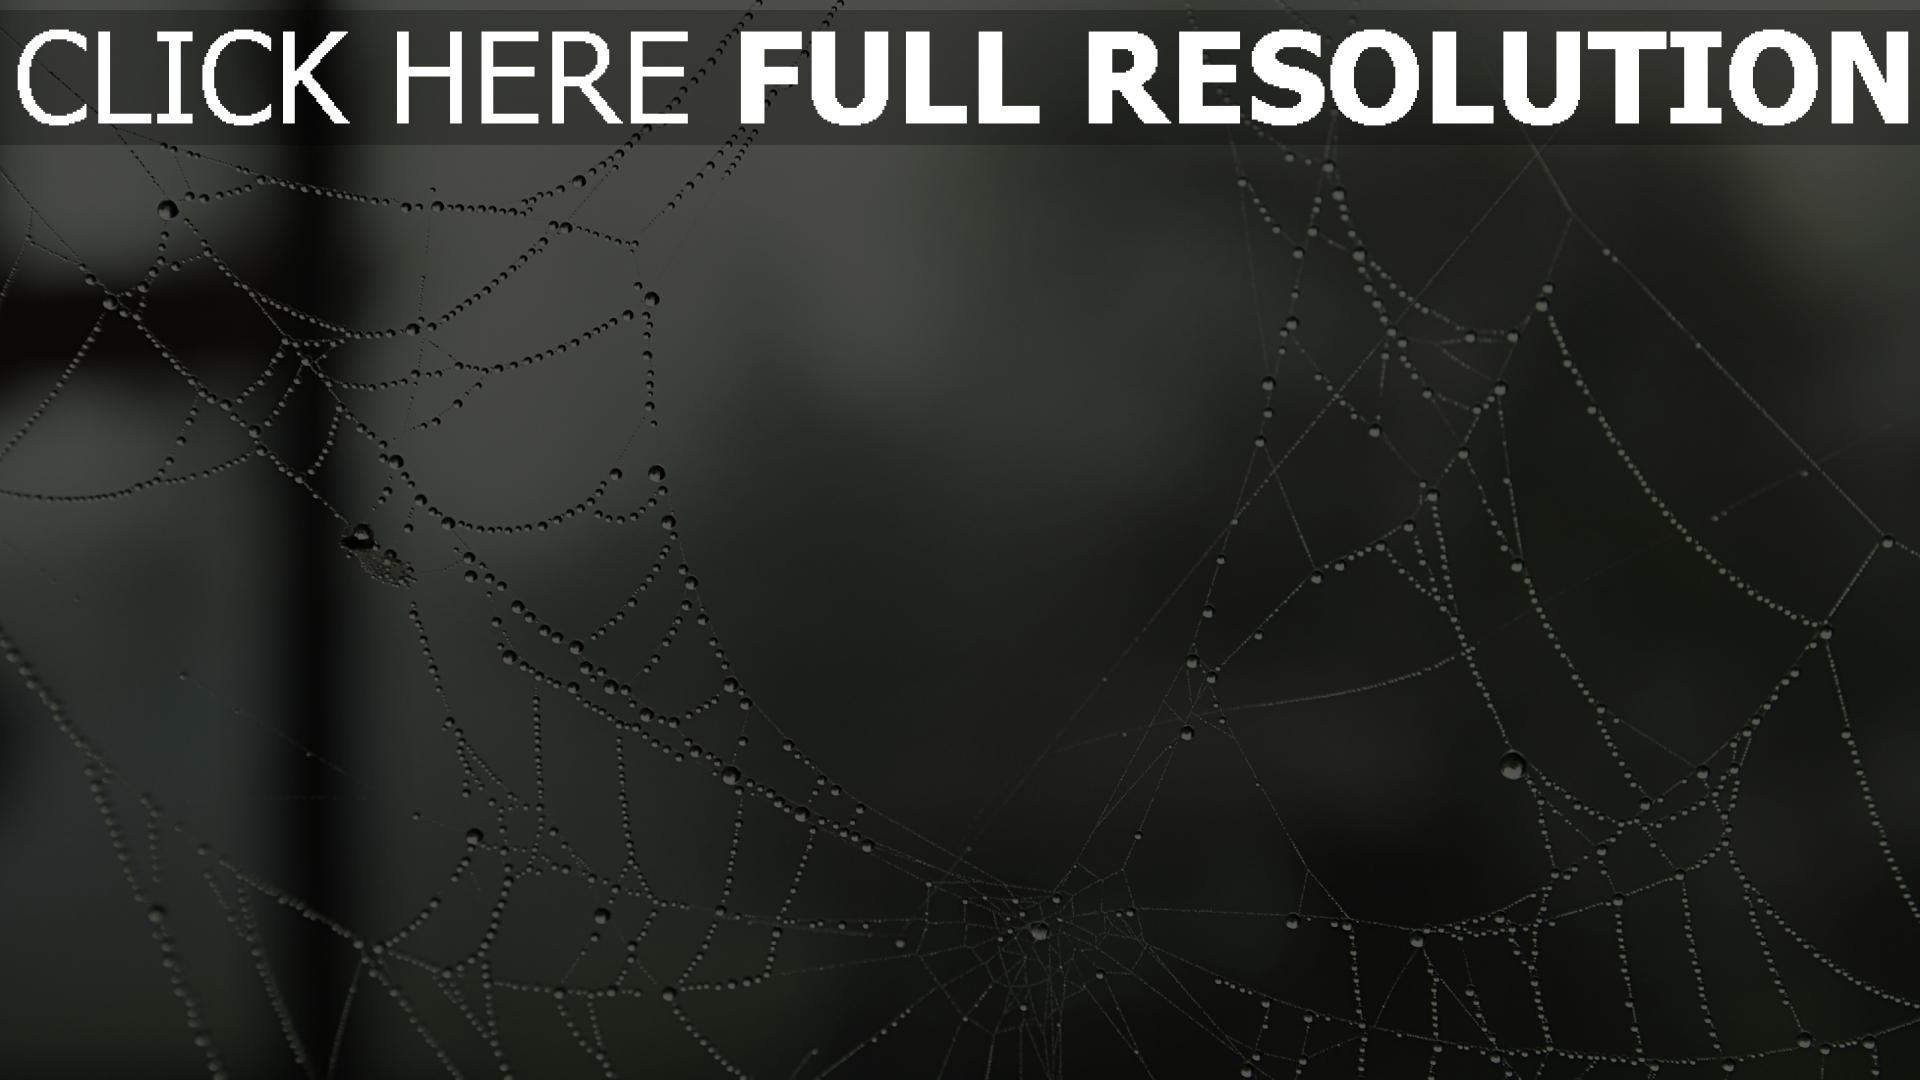 fond d'écran 1920x1080 toile d'araignée goutte